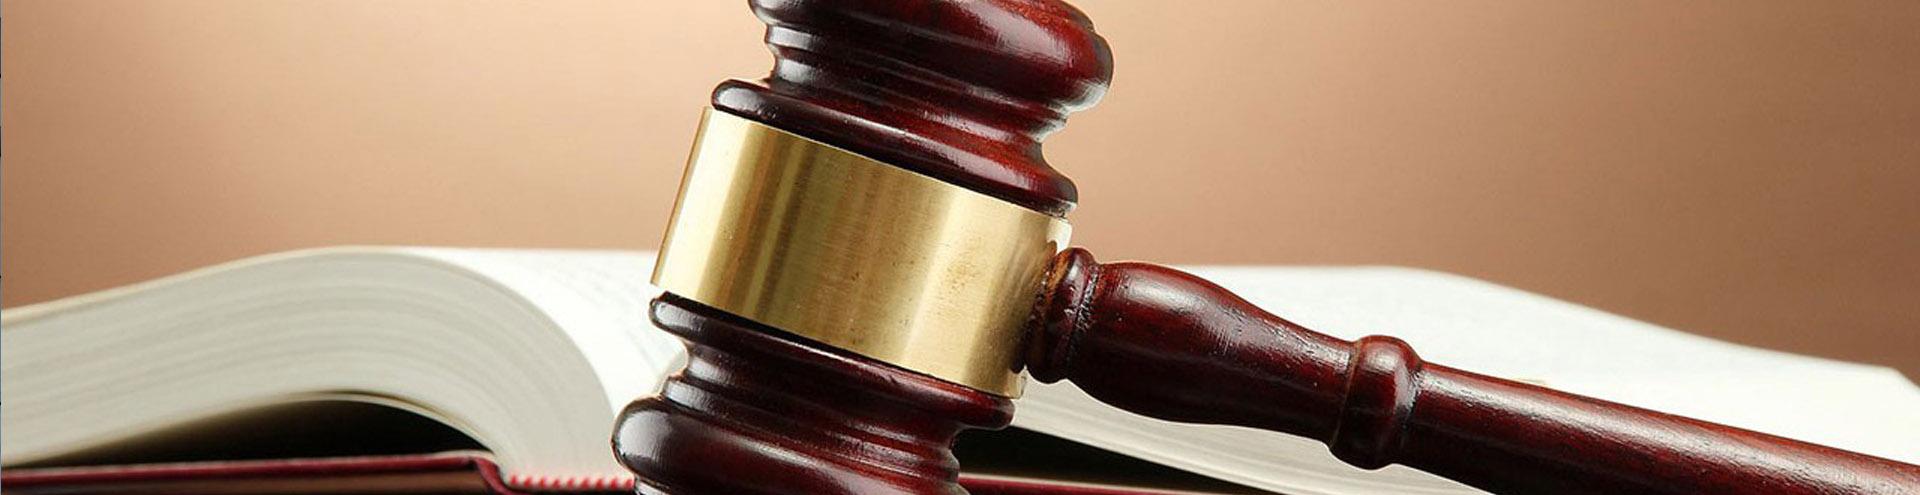 Подготовка жалобы, подготовка иска для подачи в суд в Чебоксарах и Чувашской Республике